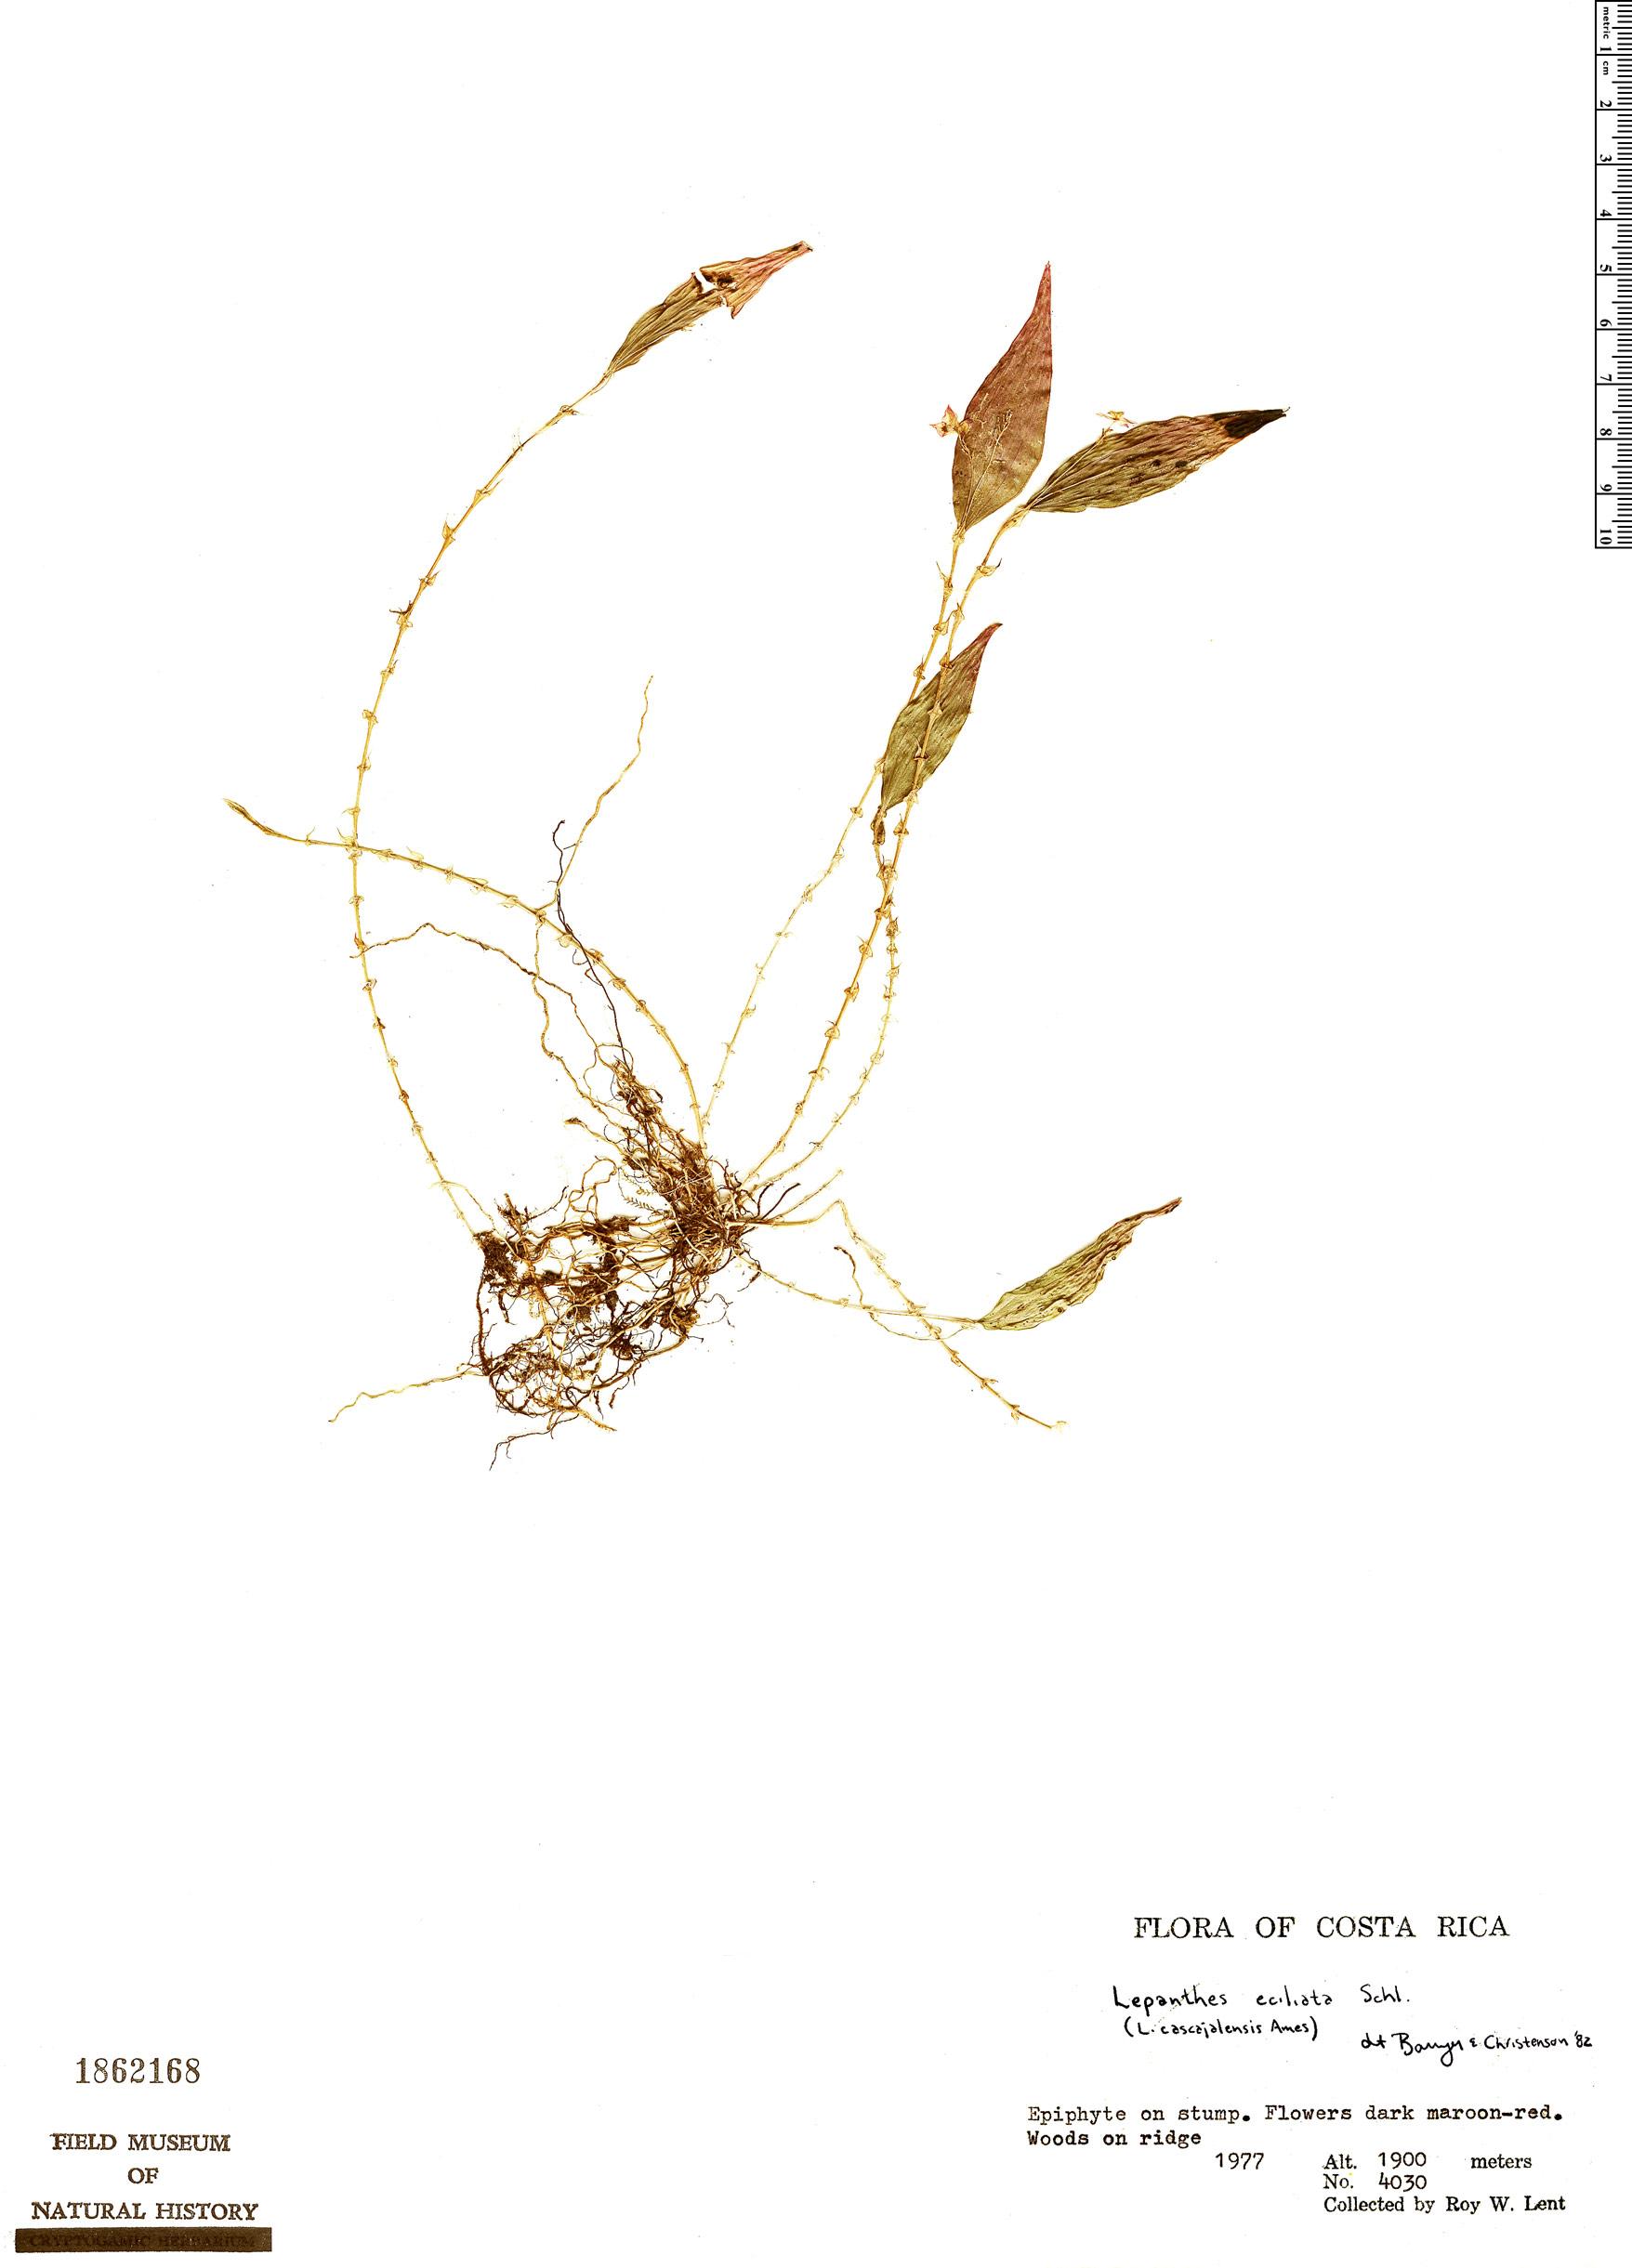 Specimen: Lepanthes eciliata